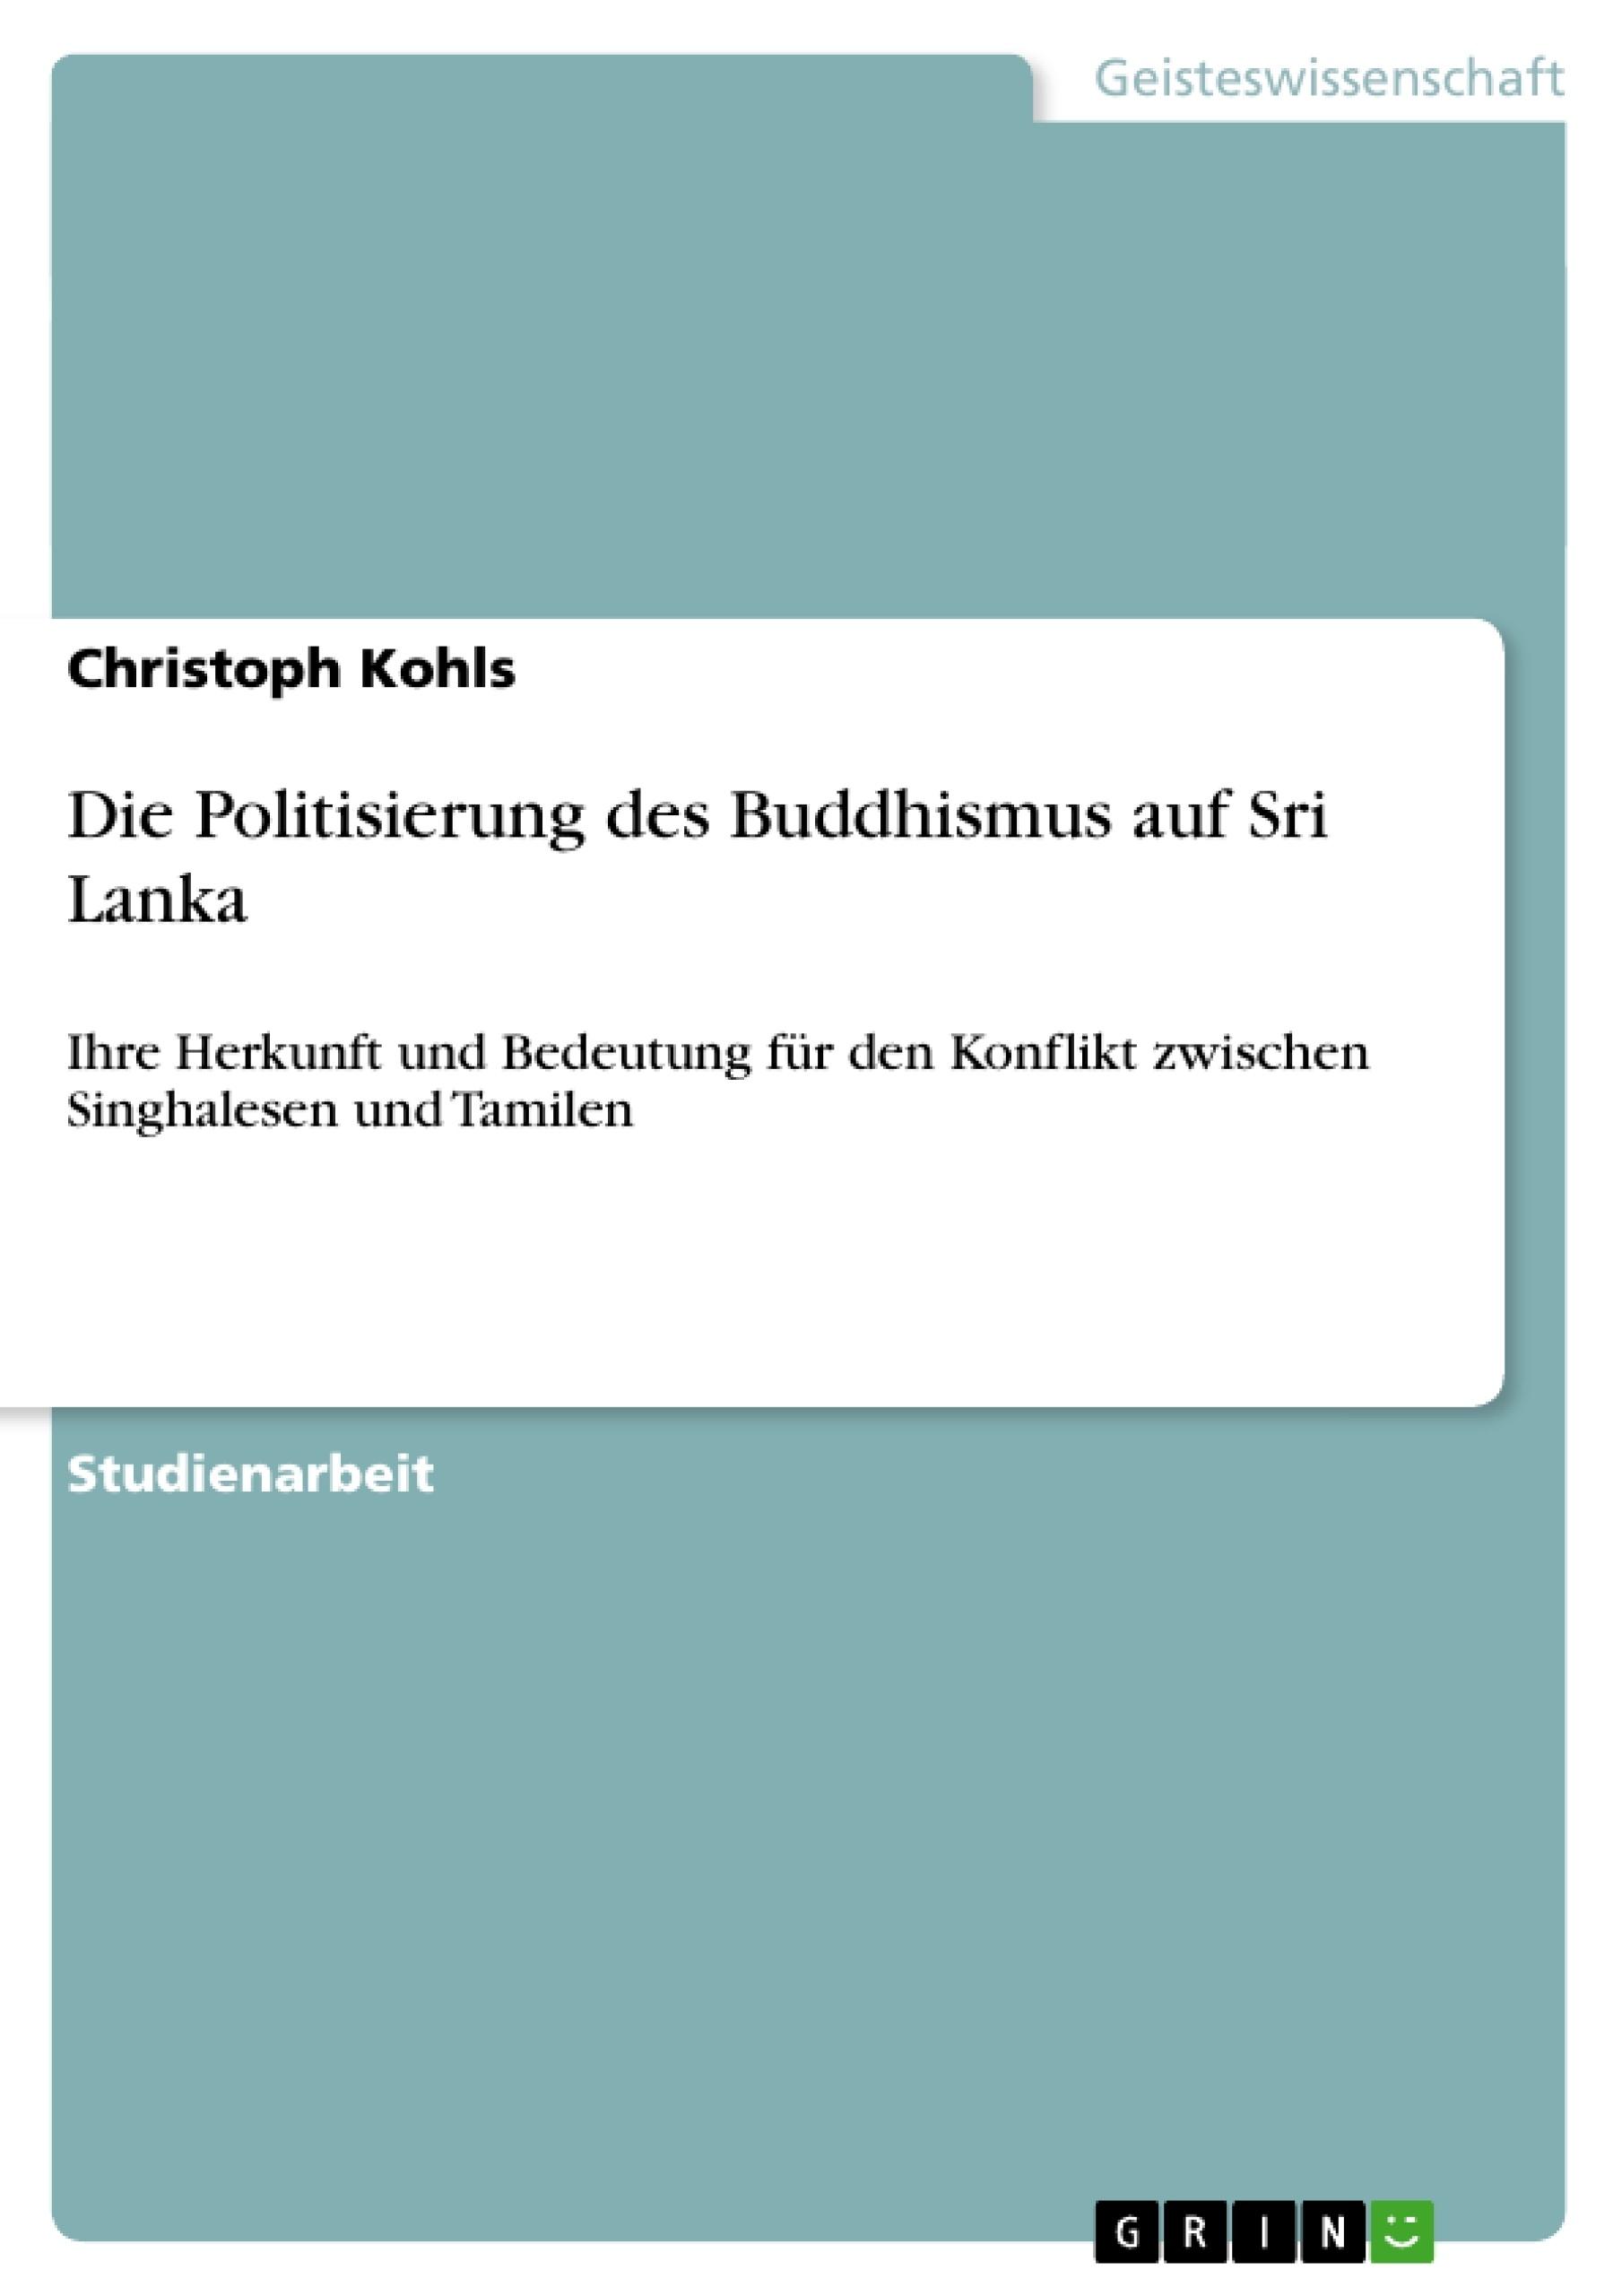 Titel: Die Politisierung des Buddhismus auf Sri Lanka